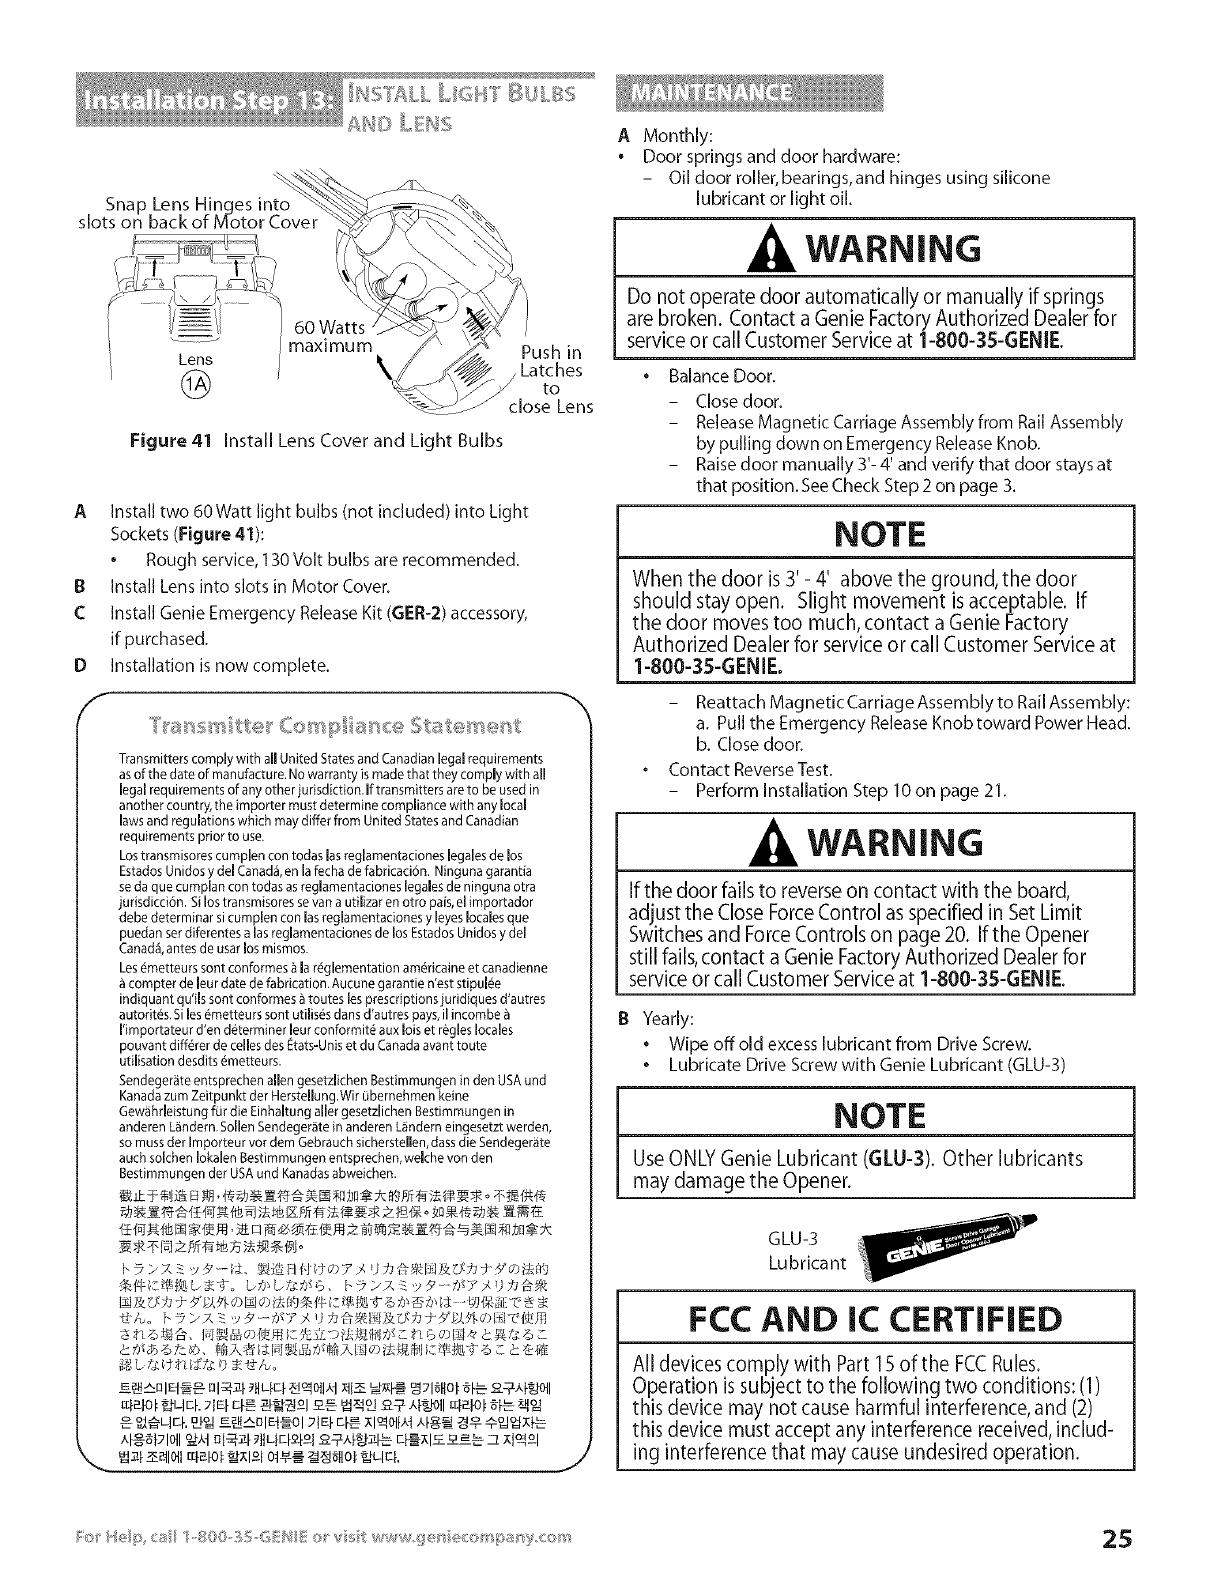 Genie EXCELERATOR User Manual GARAGE DOOR OPENER Manuals